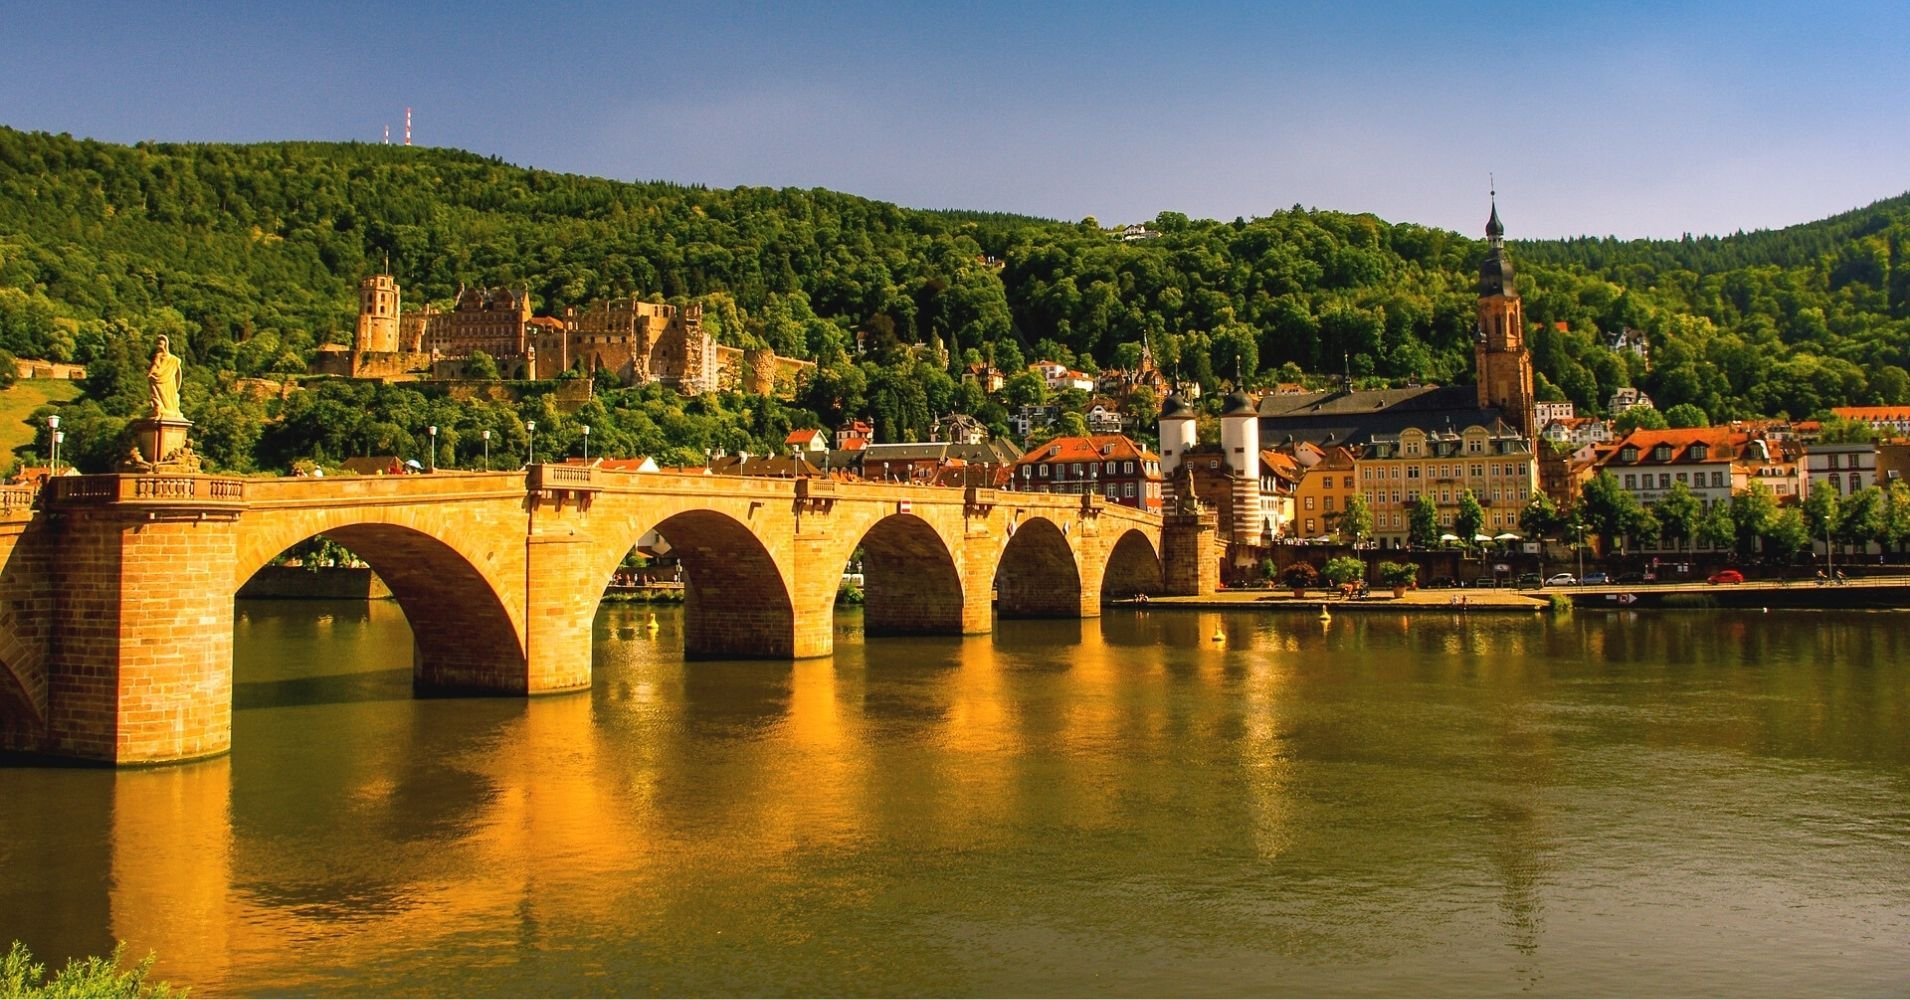 Puente en la Ciudad Baden-Wutemberg. Alemania.